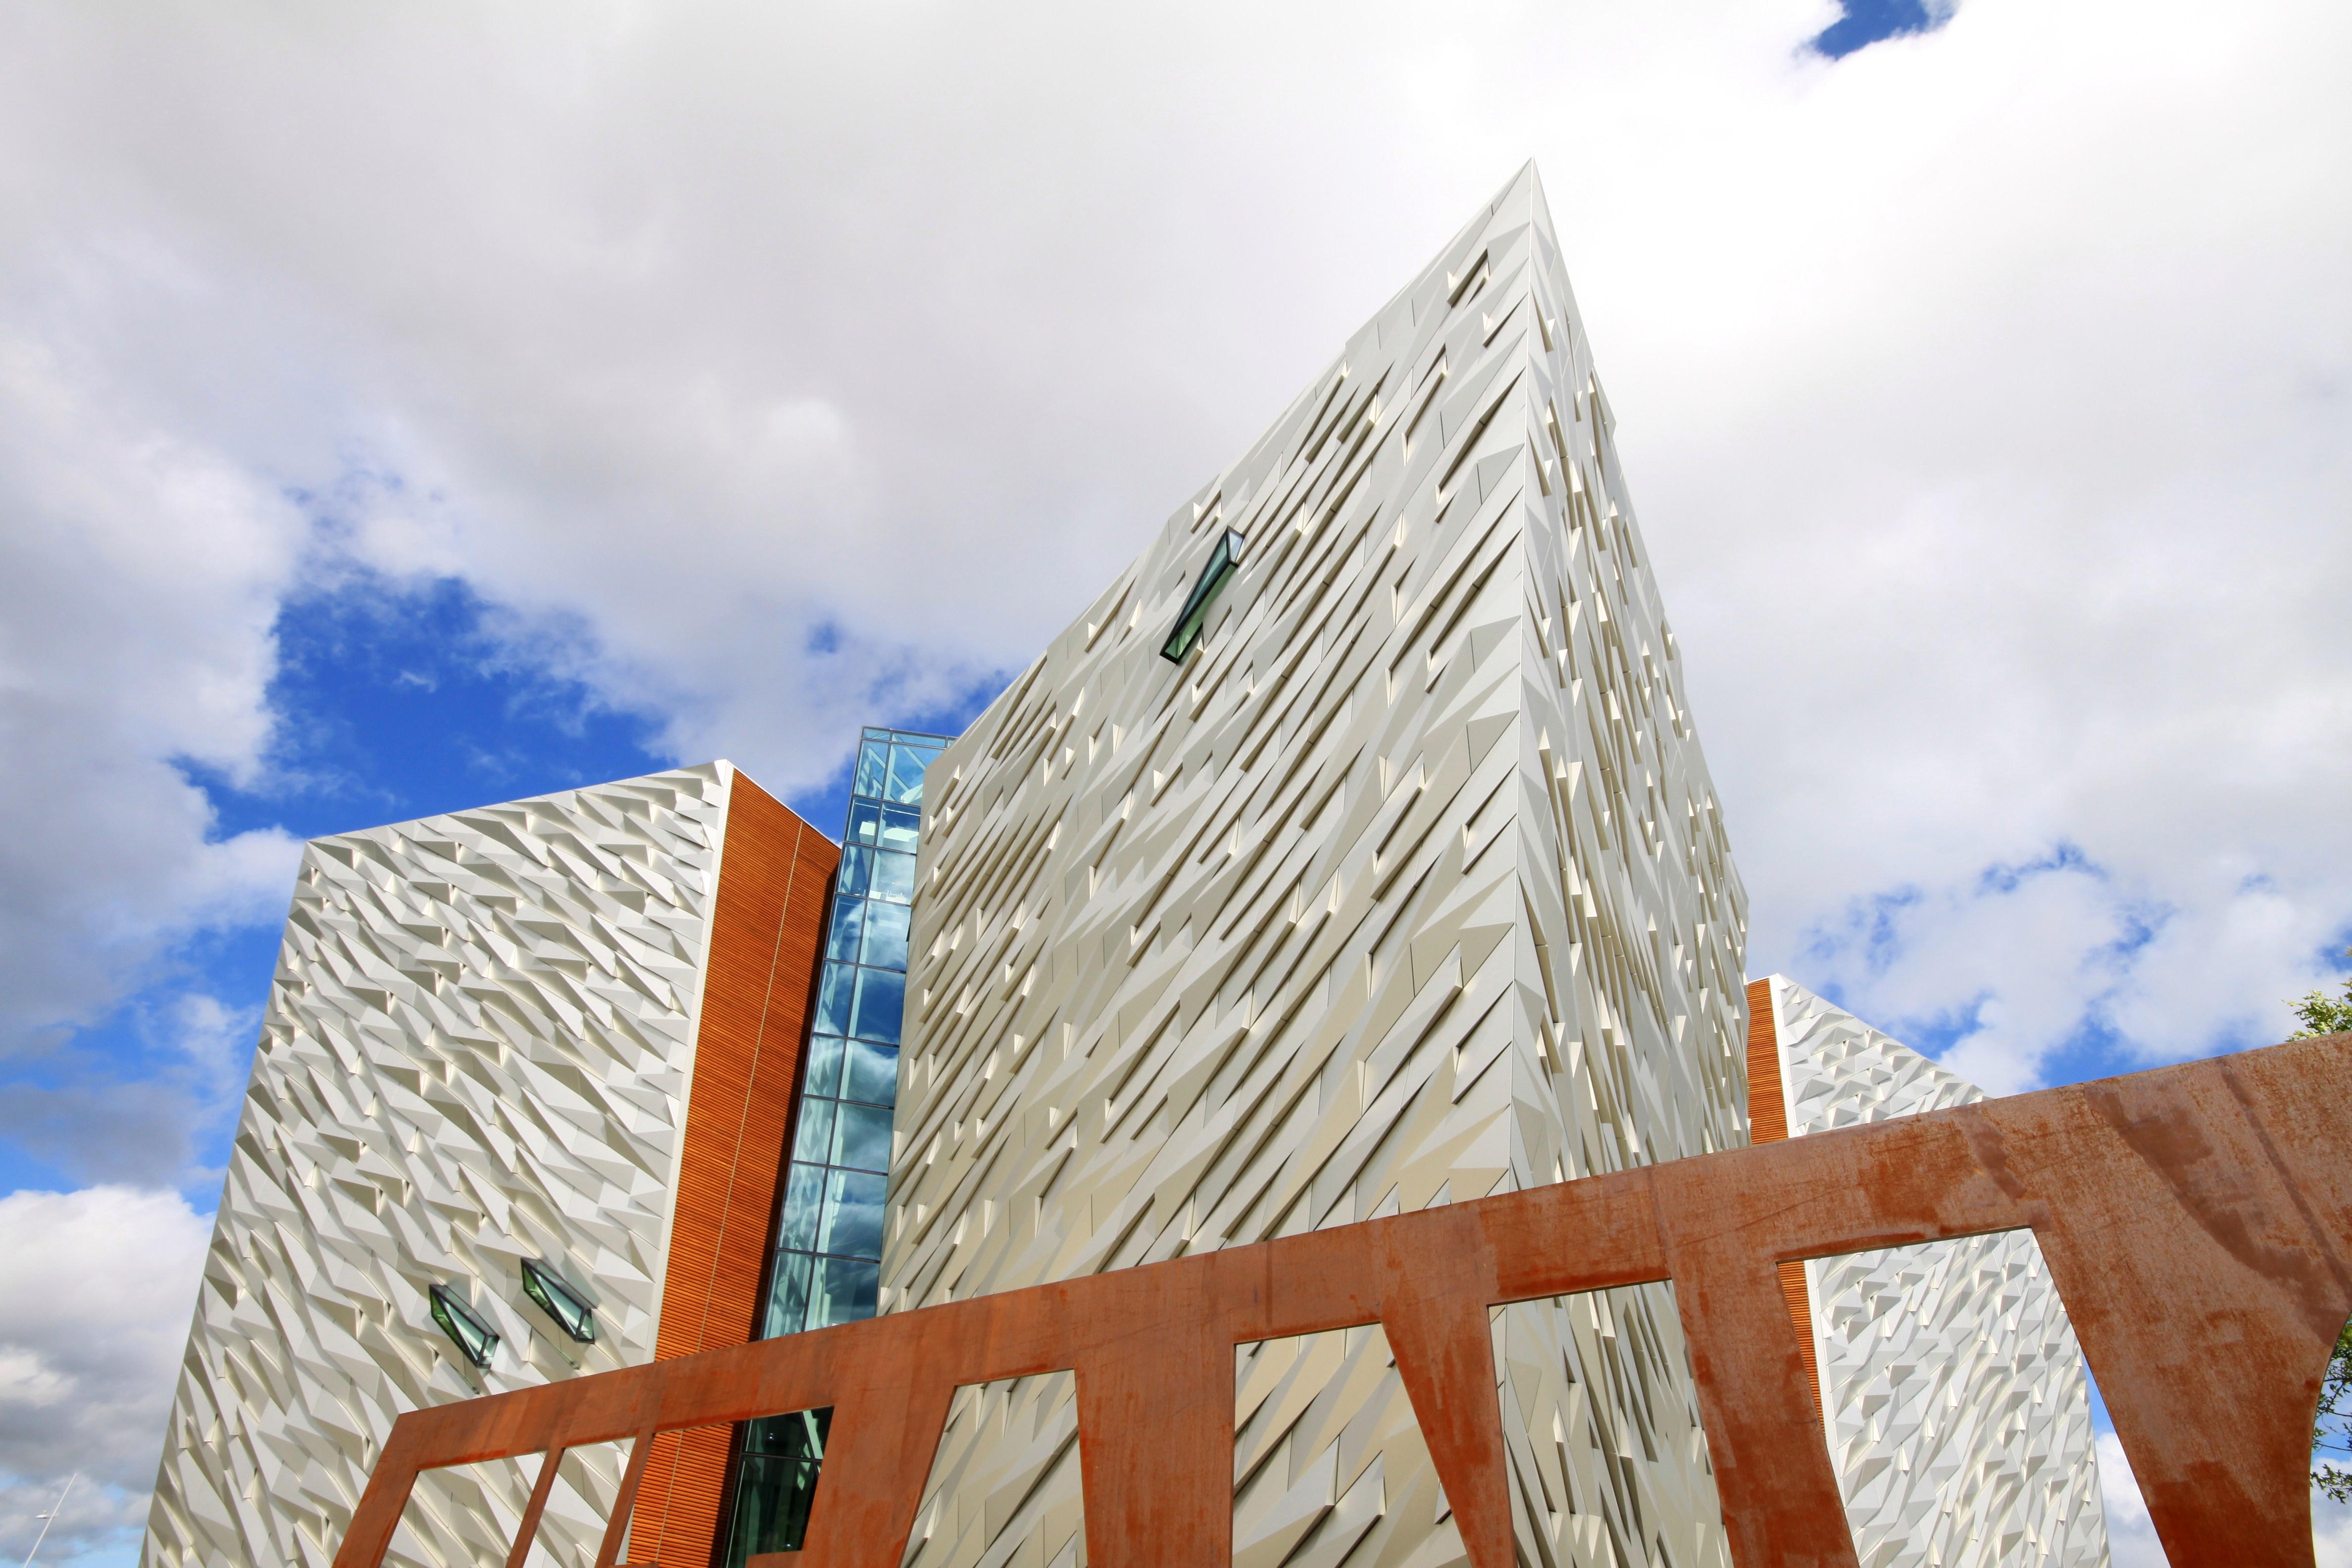 Belfast recupera la herencia del Titanic - Irlanda Circuito Irlanda e Irlanda del norte